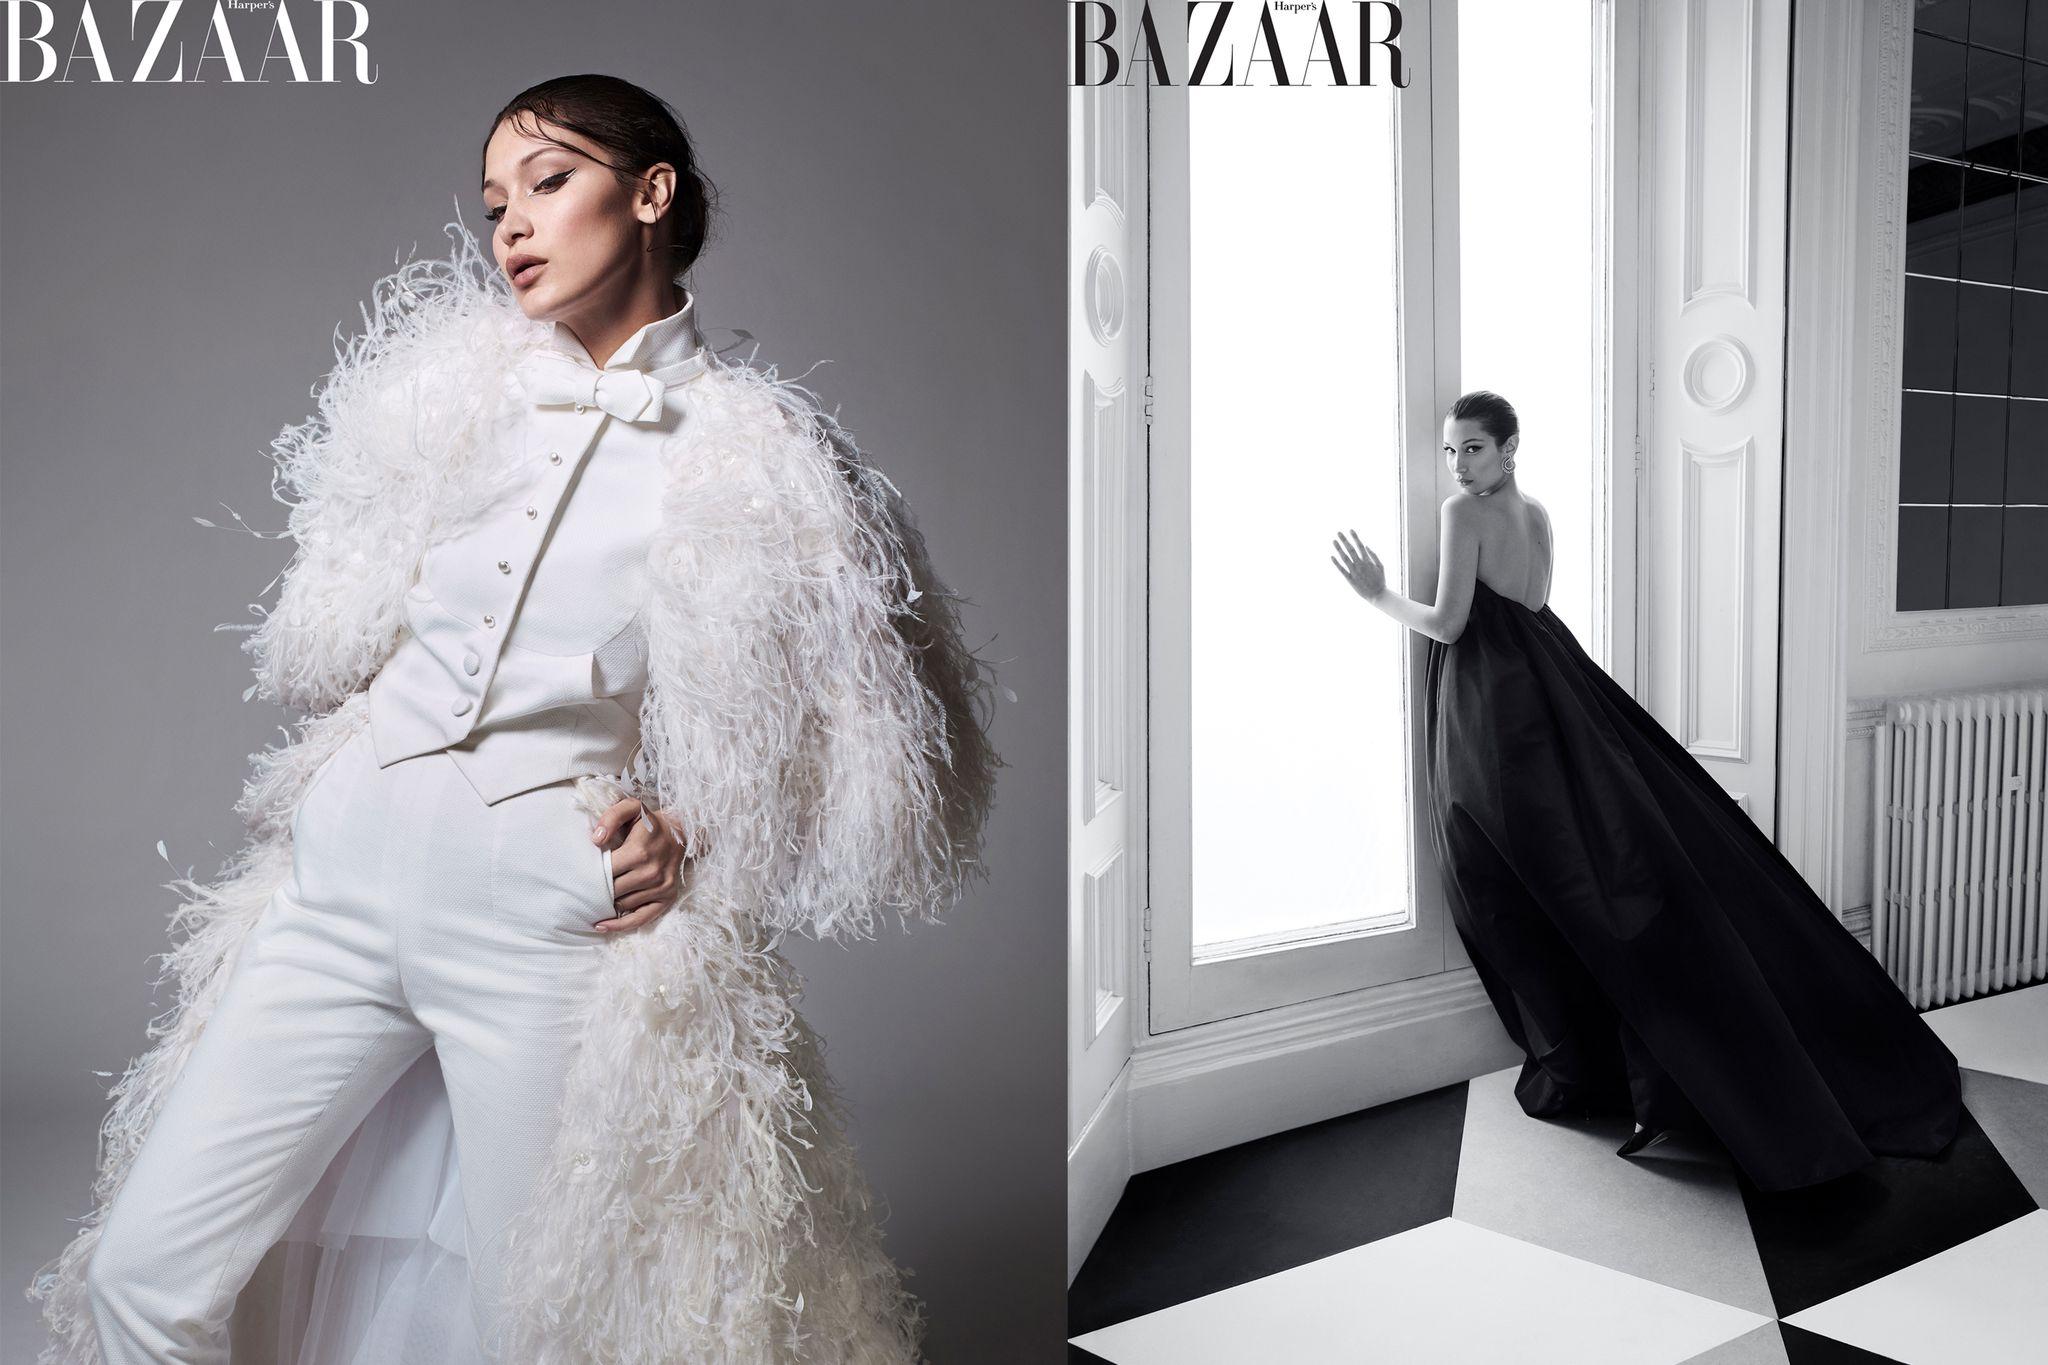 Áo choàng, quần và váy: Chanel Haute Couture. Đầm và giày: Givenchy Haute Couture. Hoa tai Chopard. BEAUTY BAZAAR: Tạo khối cho gò má và xương quai hàm với Dior Backstage Contour Palette.